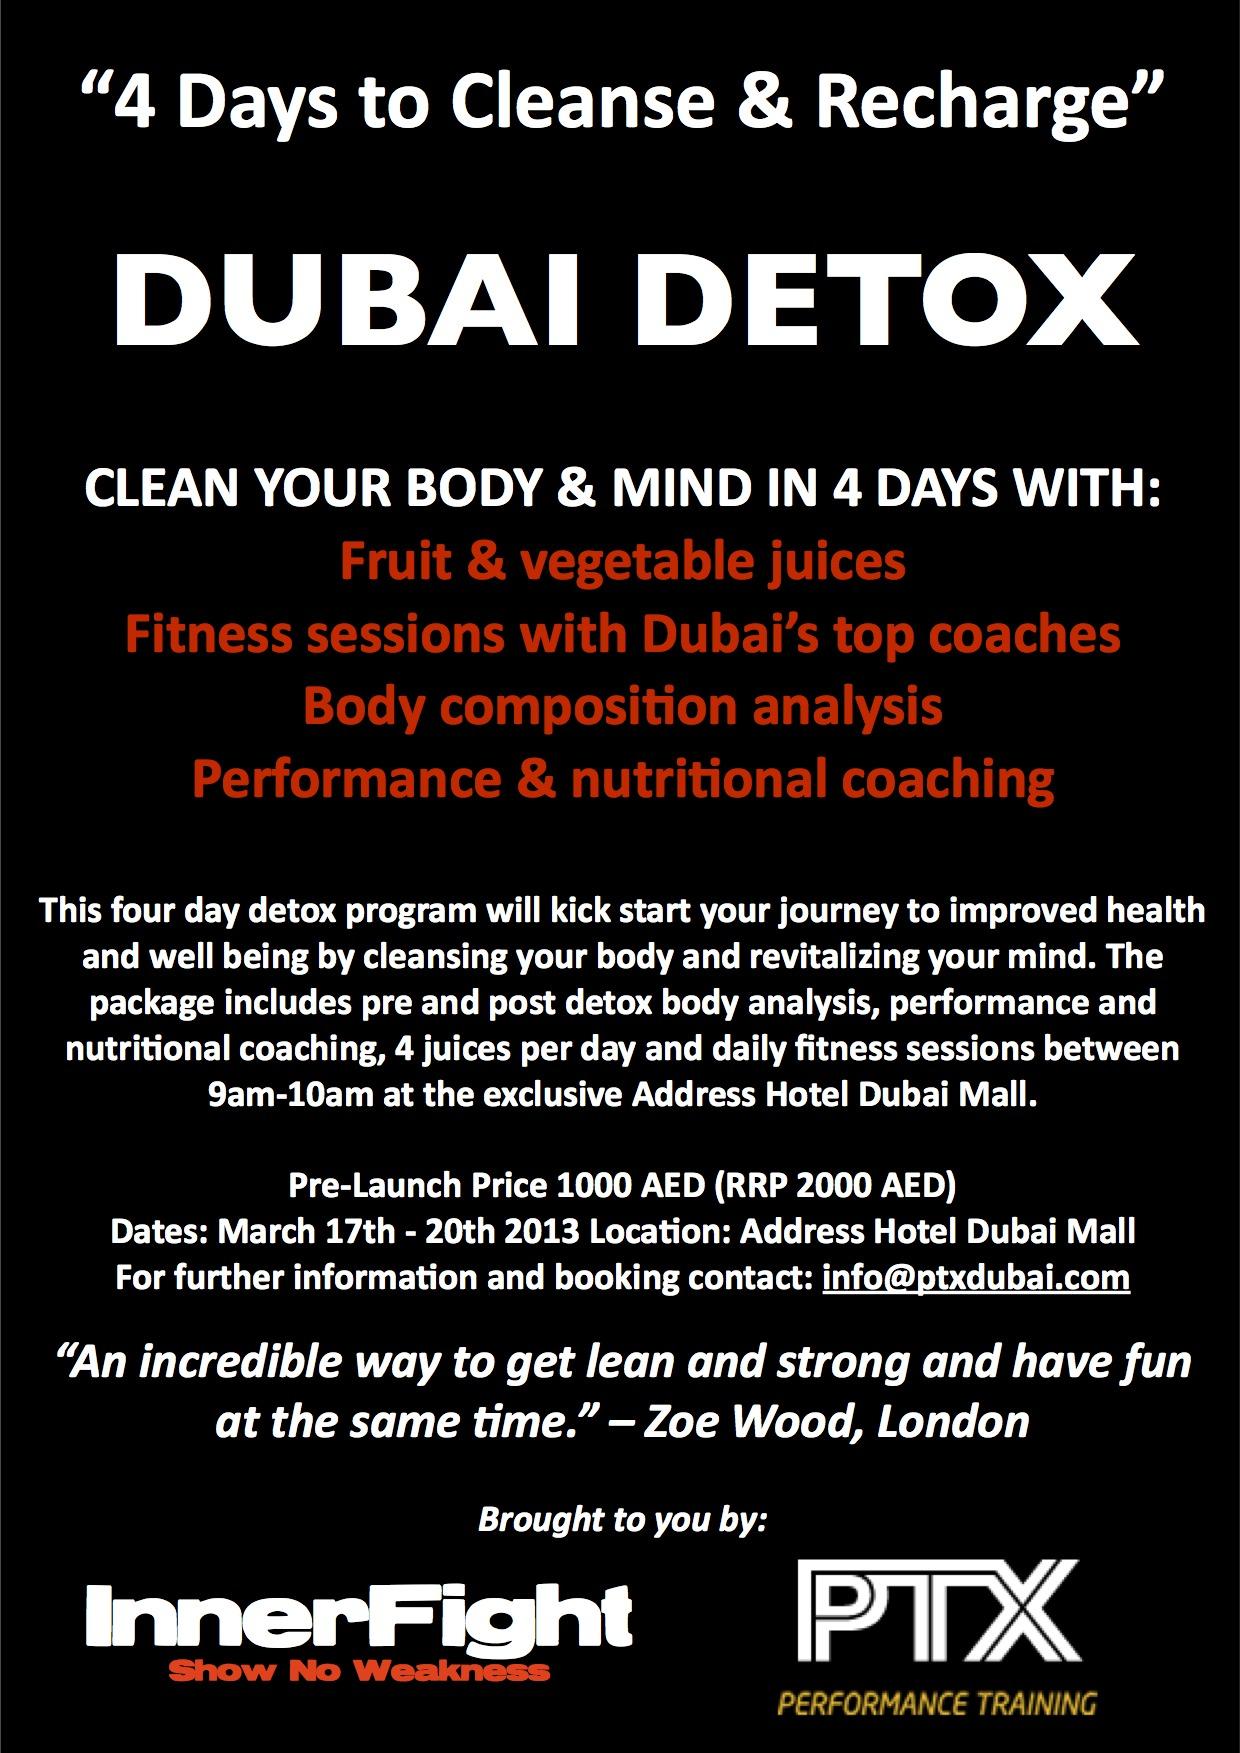 Dubai Detox Flyer